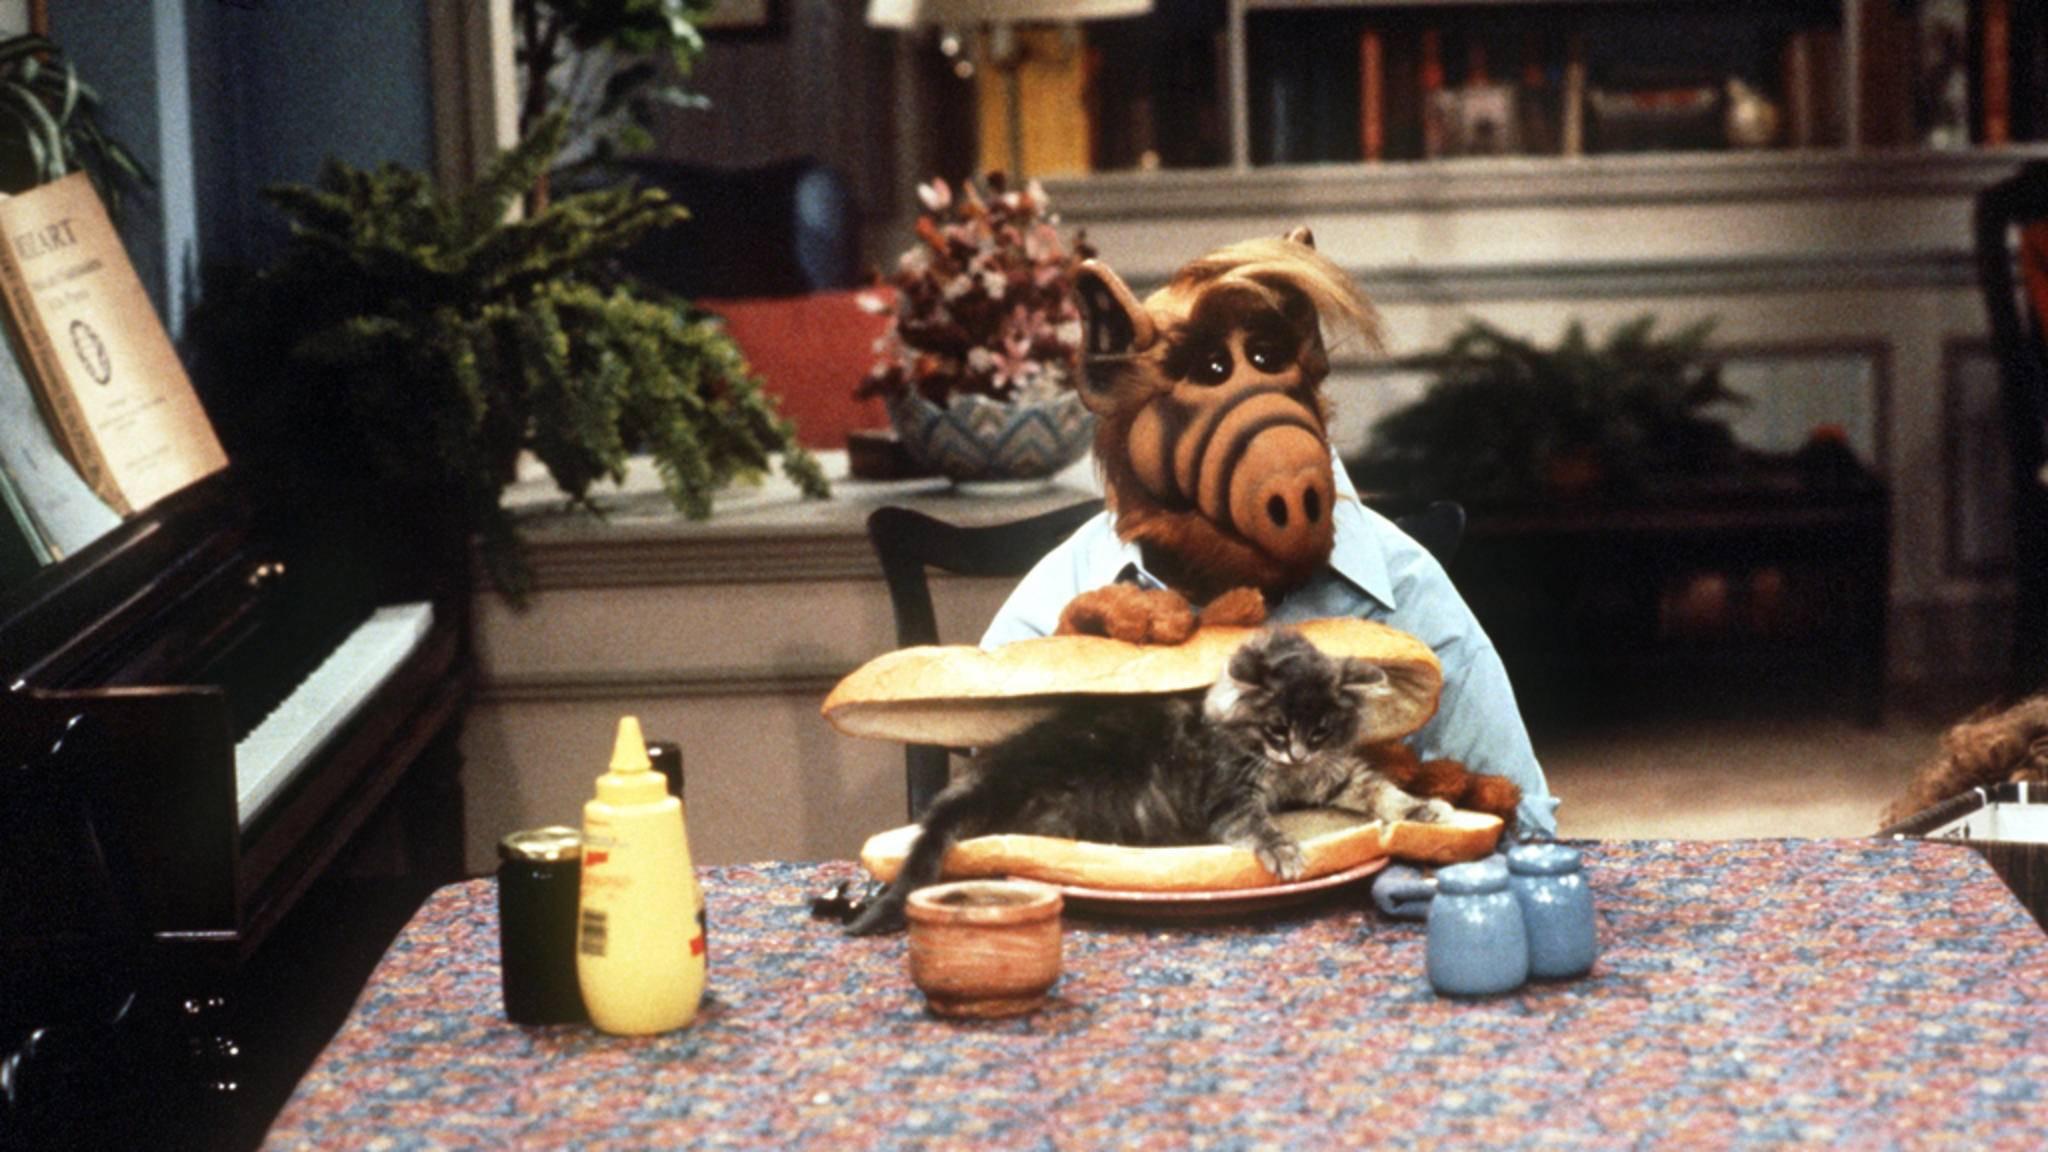 Alf versuchte es immer wieder, die Katze der Tanners zu verspeisen – zum Glück ohne Erfolg.